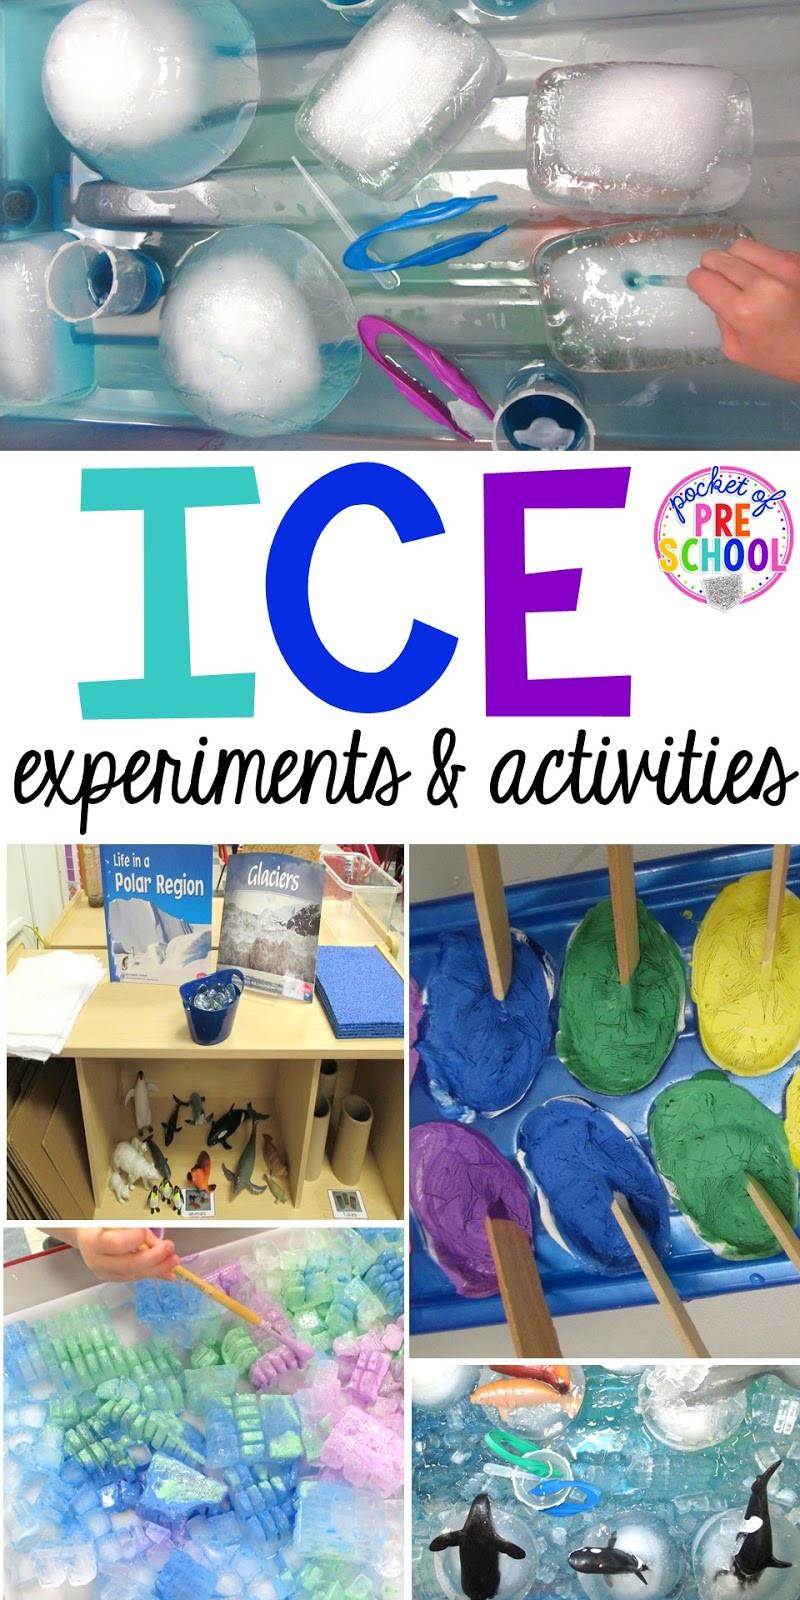 Winter Themed Activities For Preschoolers  Arctic Ice Activities and Experiments Pocket of Preschool